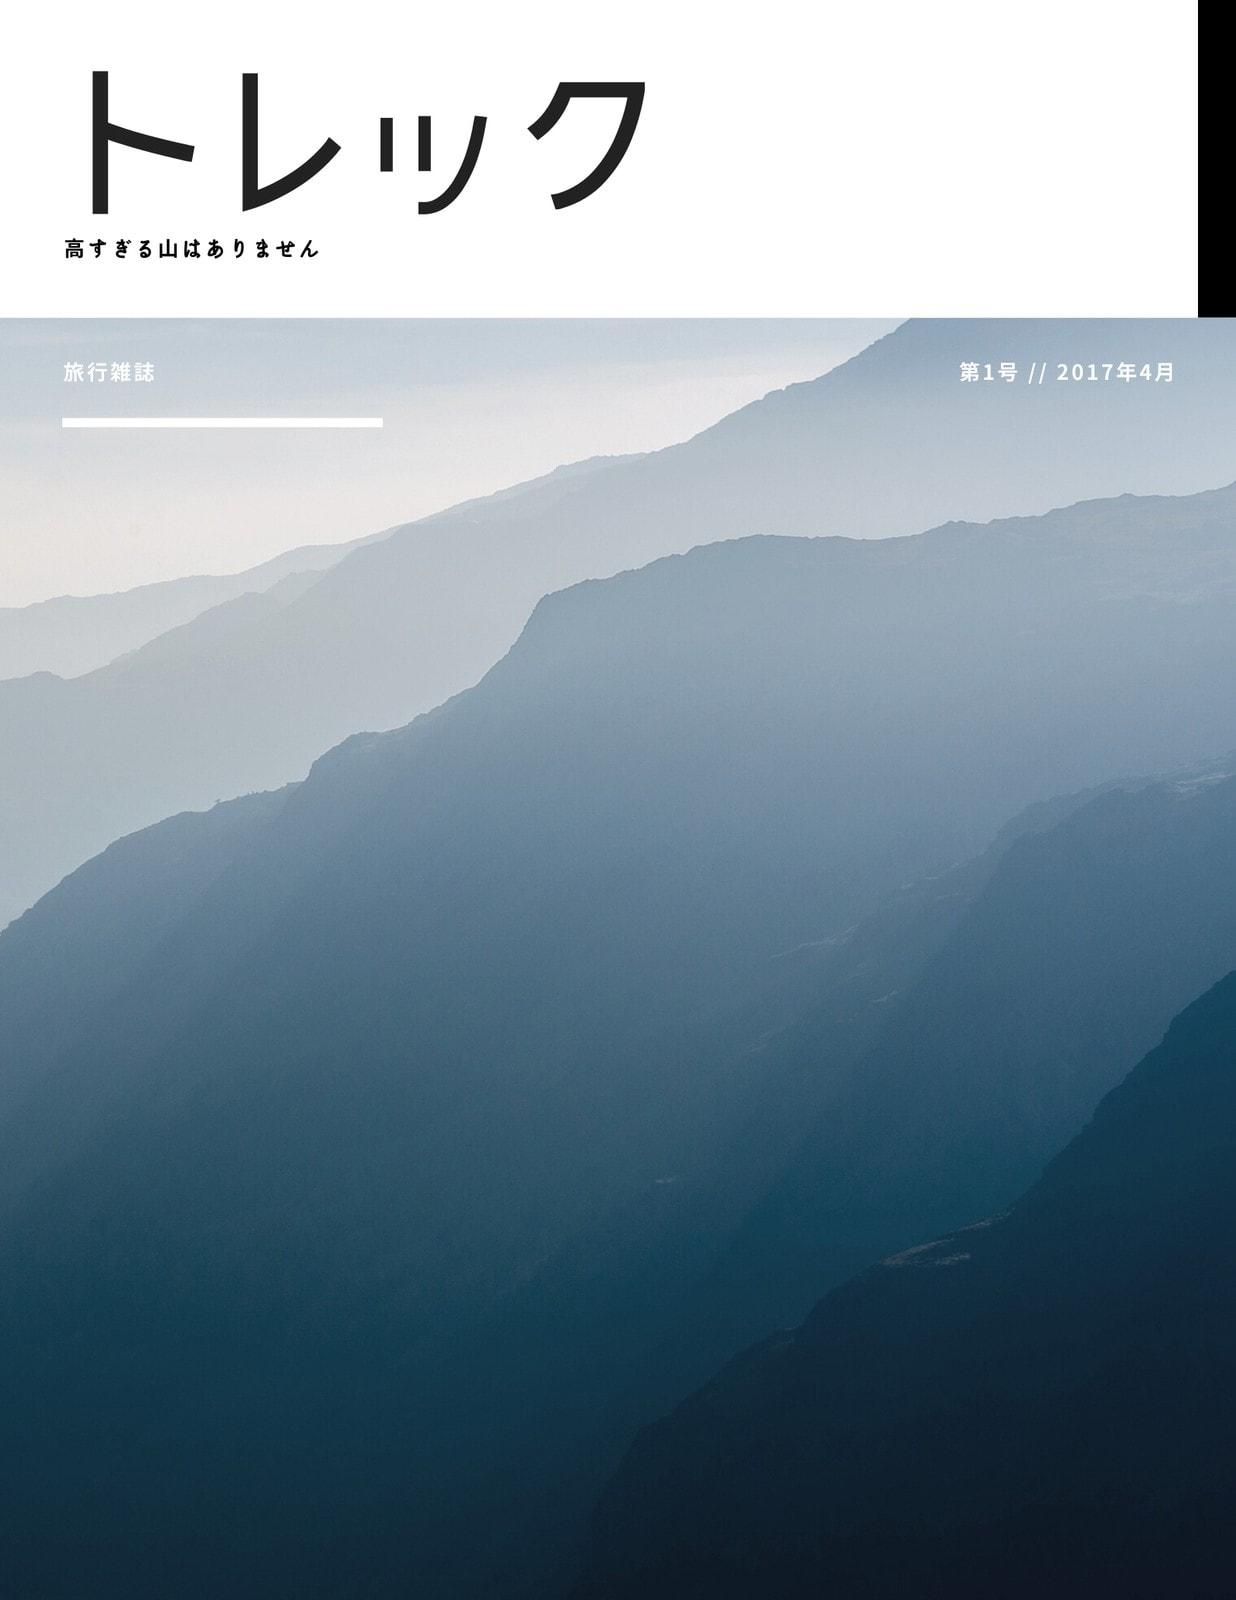 白と青 ミニマリスト 旅行雑誌